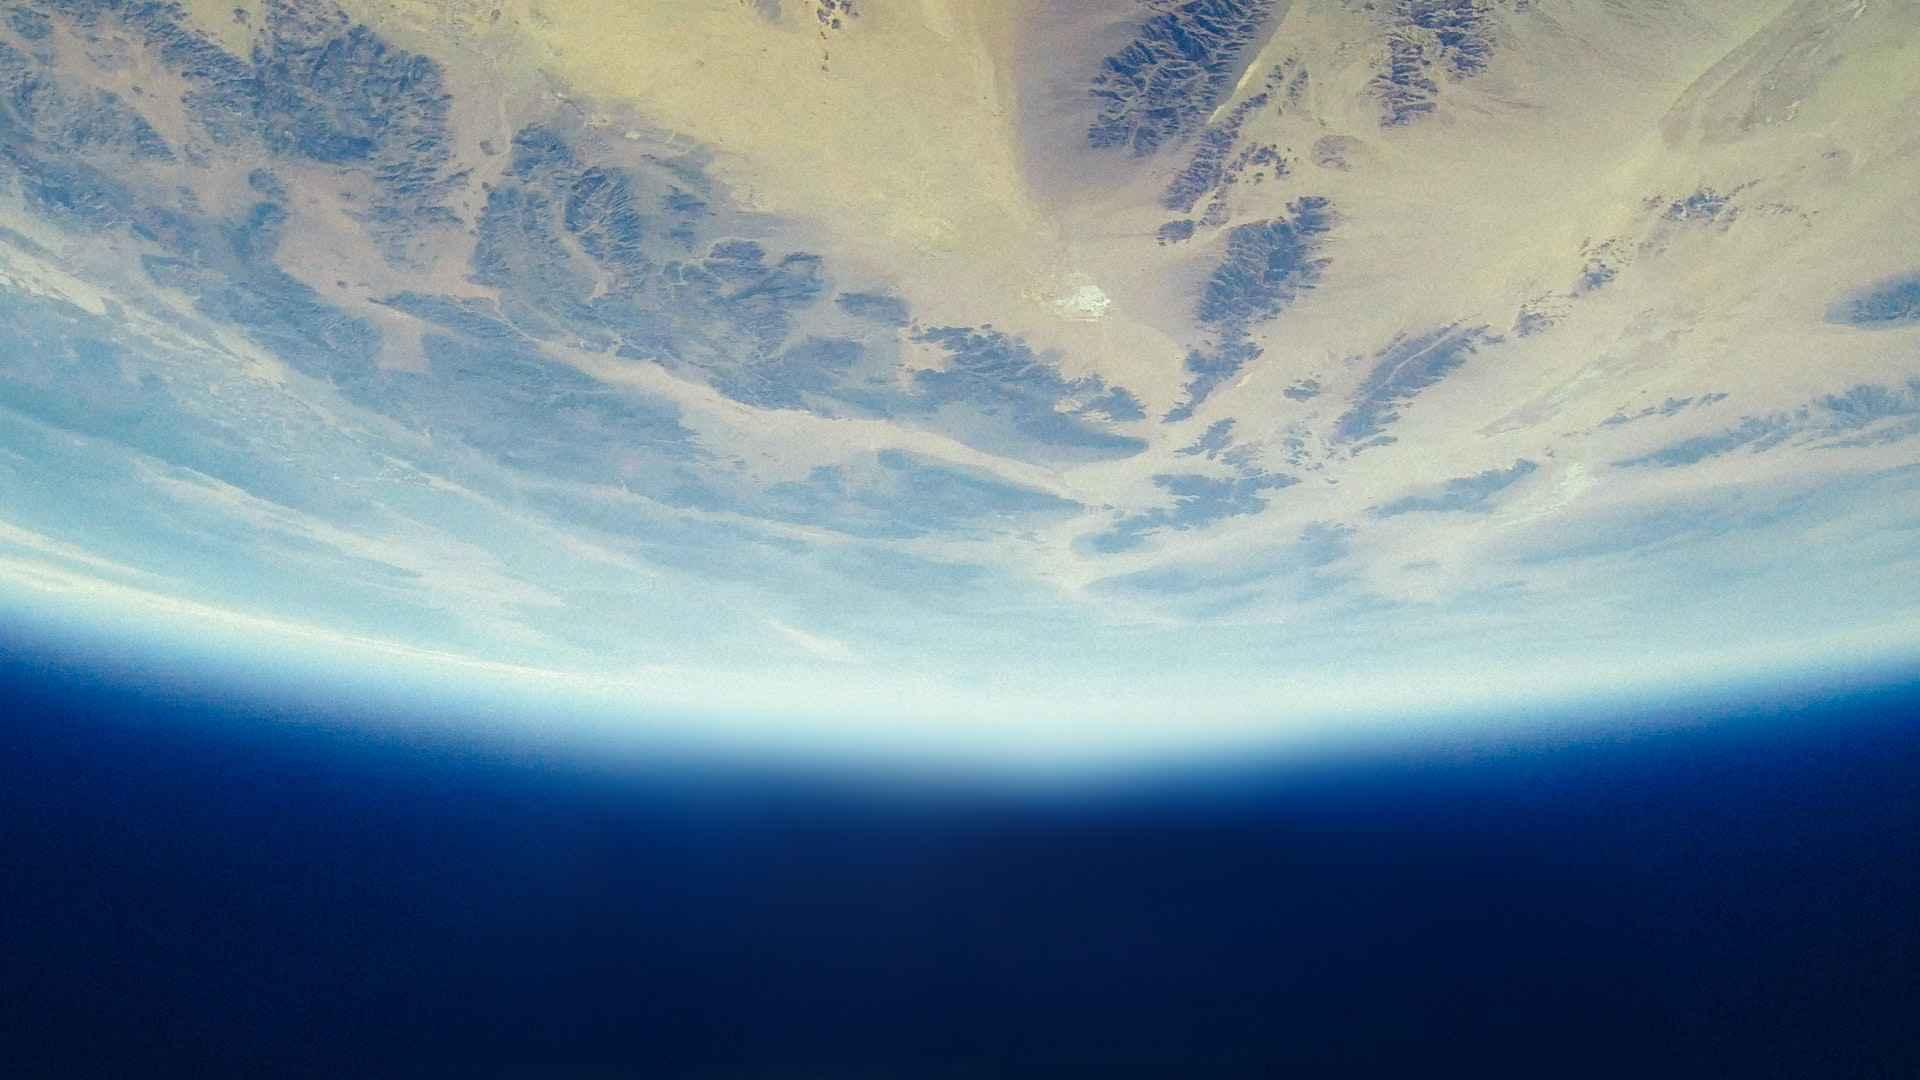 Em novembro de 2021, os líderes mundiais vão se reunir para criar um novo acordo ambiental